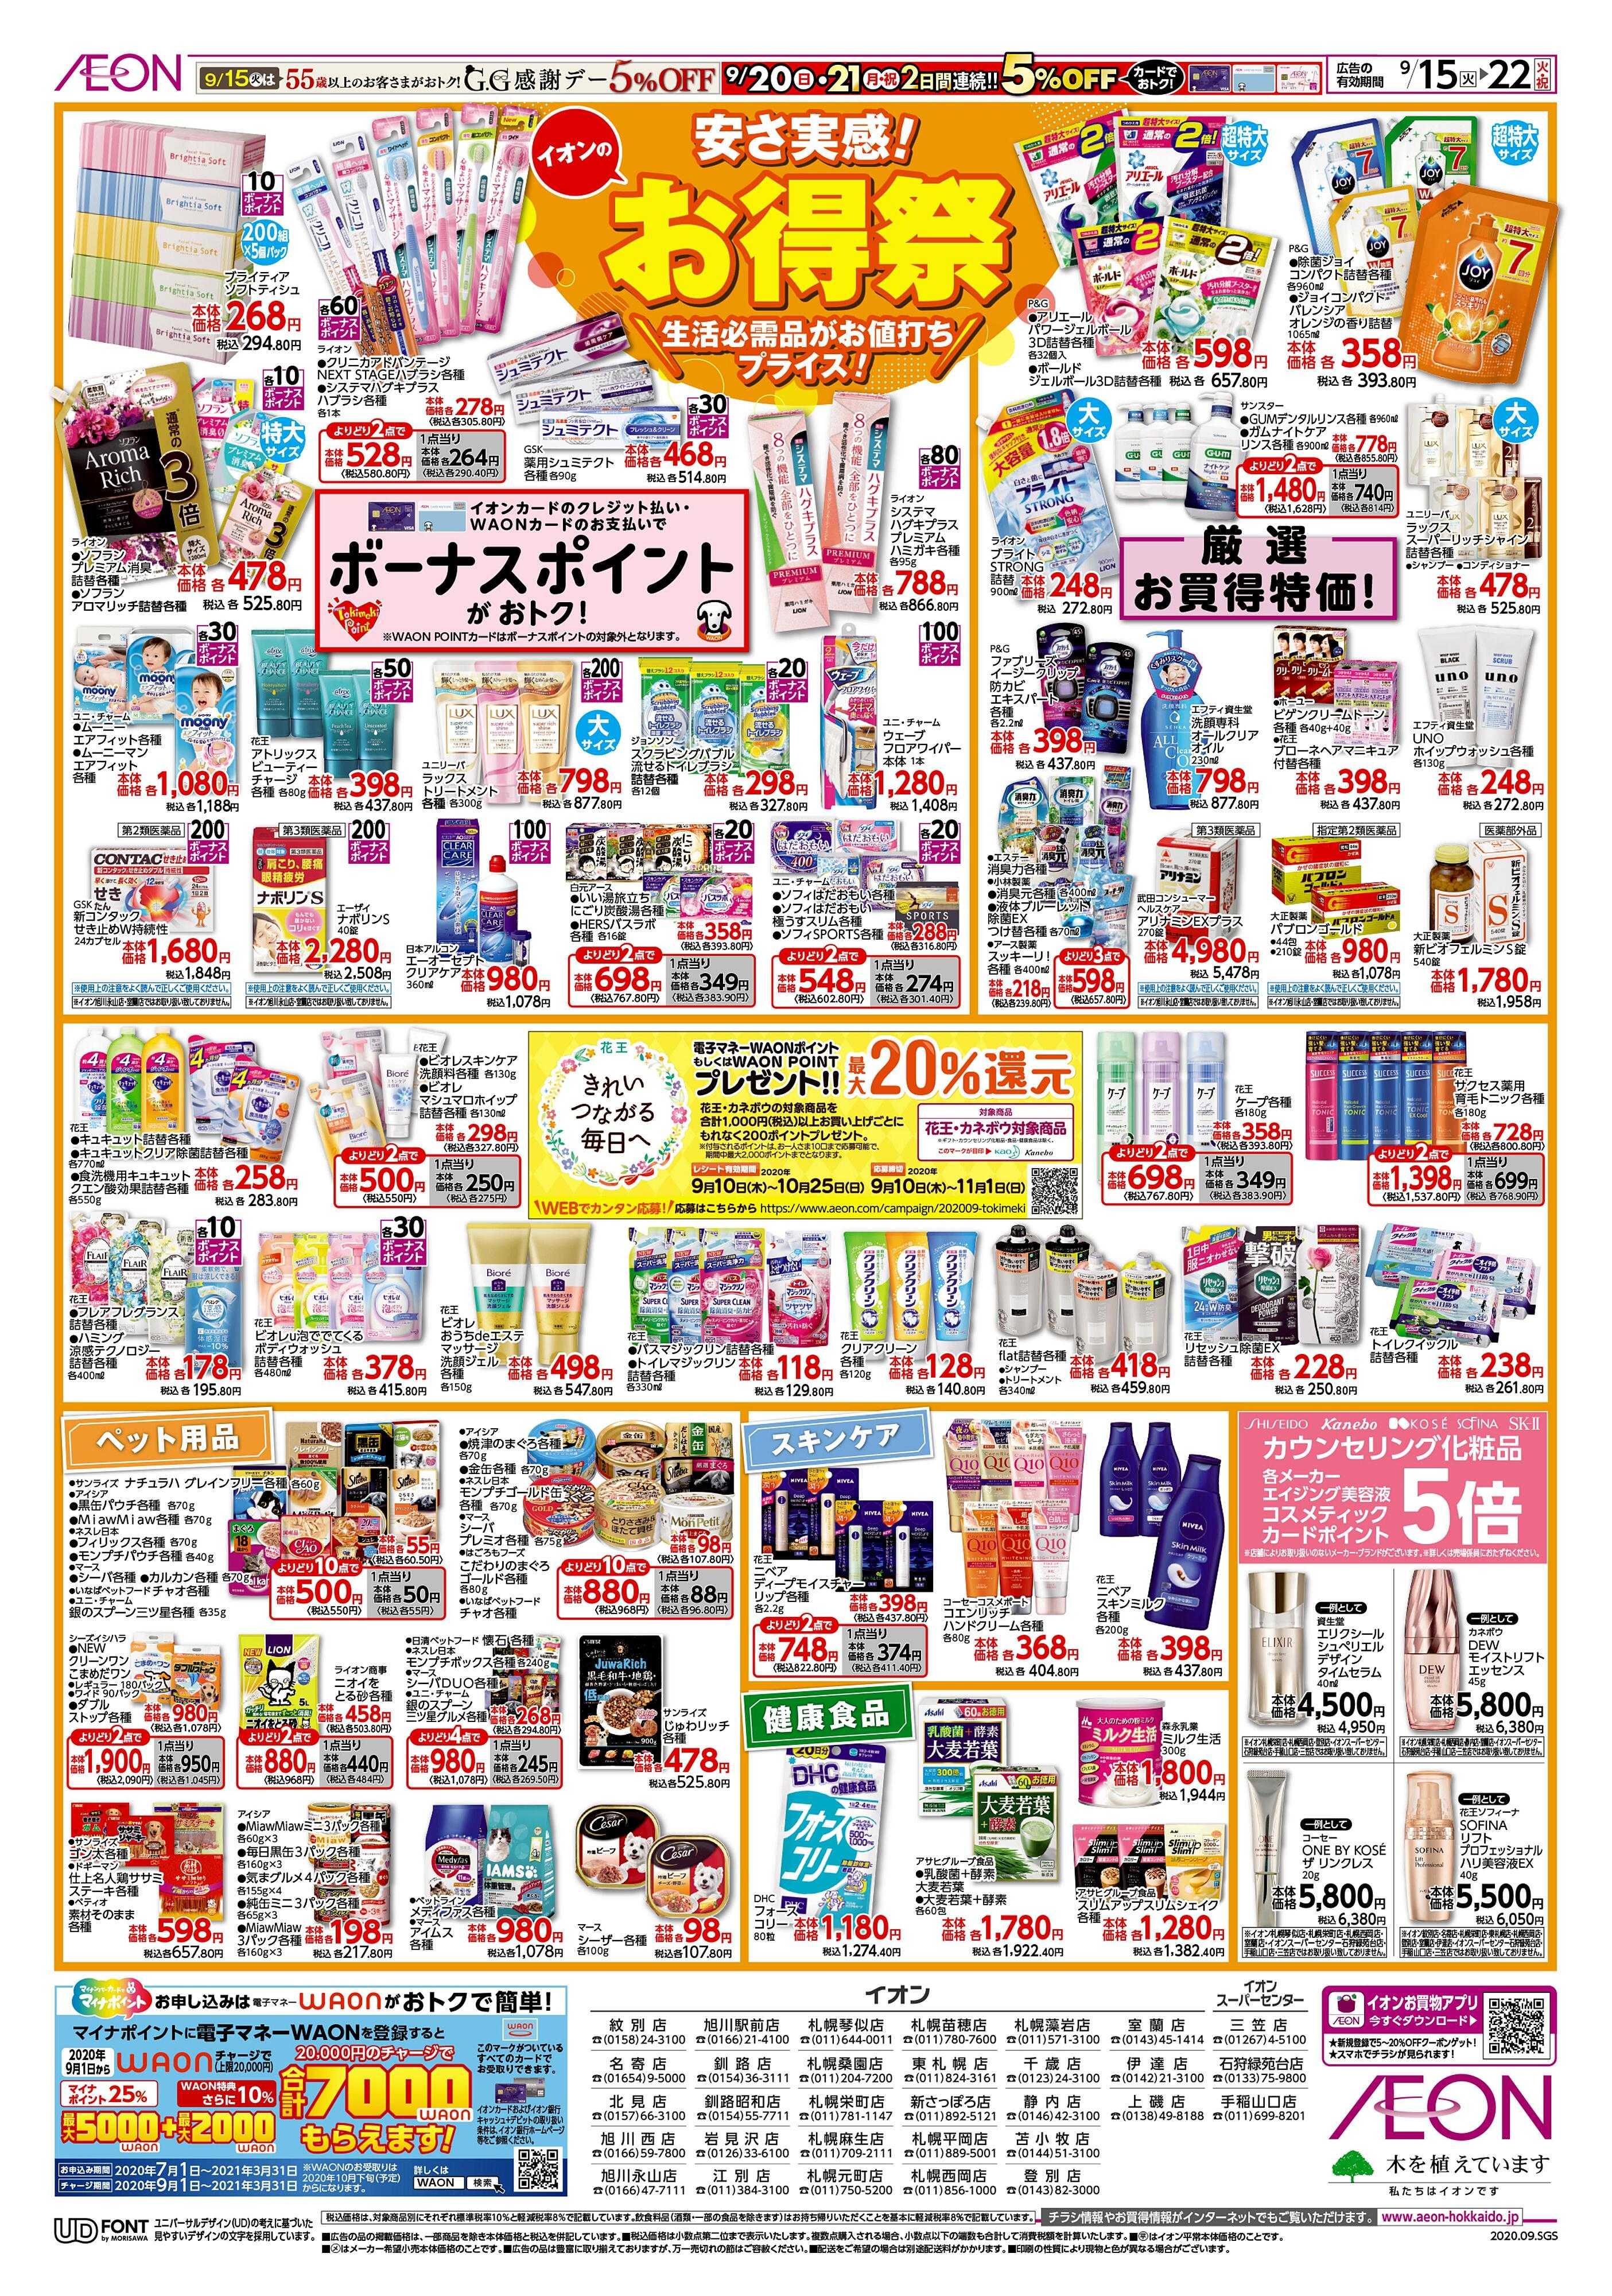 イオン北海道 お得祭